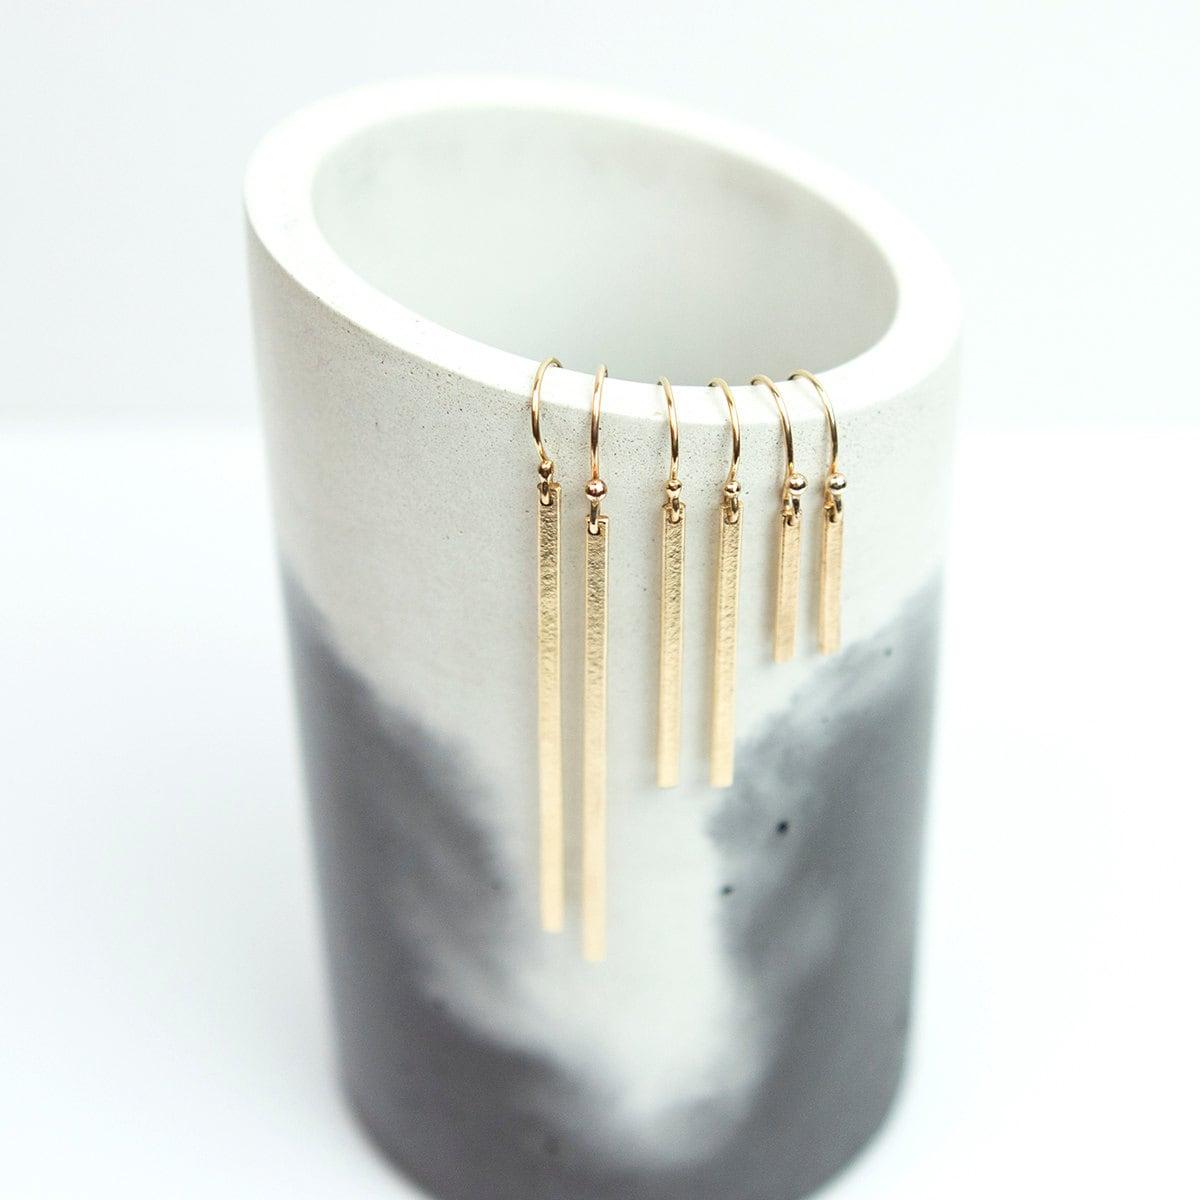 Dainty Earrings 14k Gold Filled Simple Bar Drop Earrings